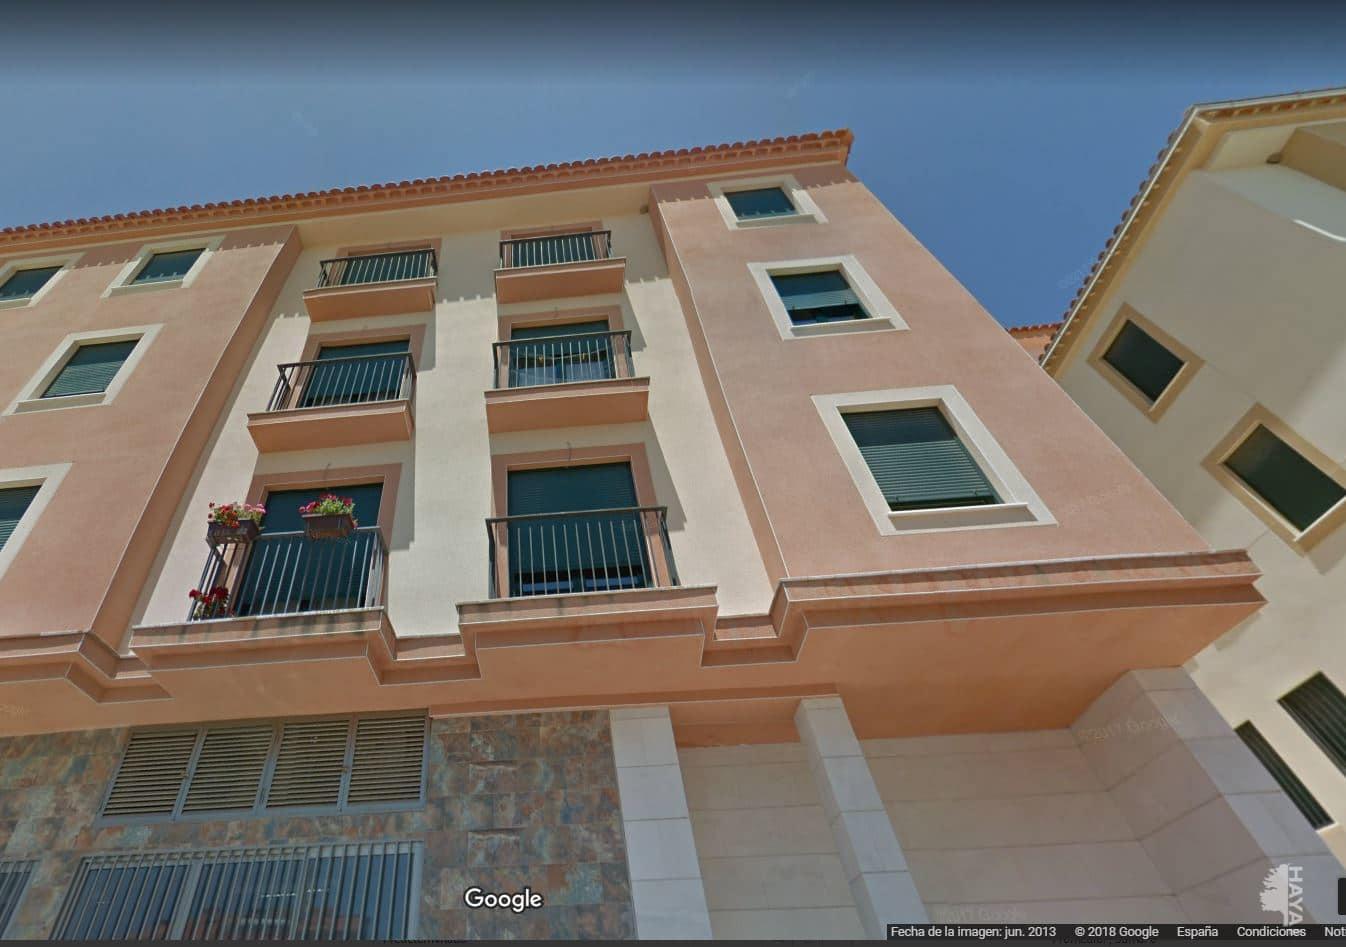 Piso en venta en Chinchilla de Monte-aragón, Albacete, Calle Santa Elena, 174.000 €, 3 habitaciones, 2 baños, 121 m2